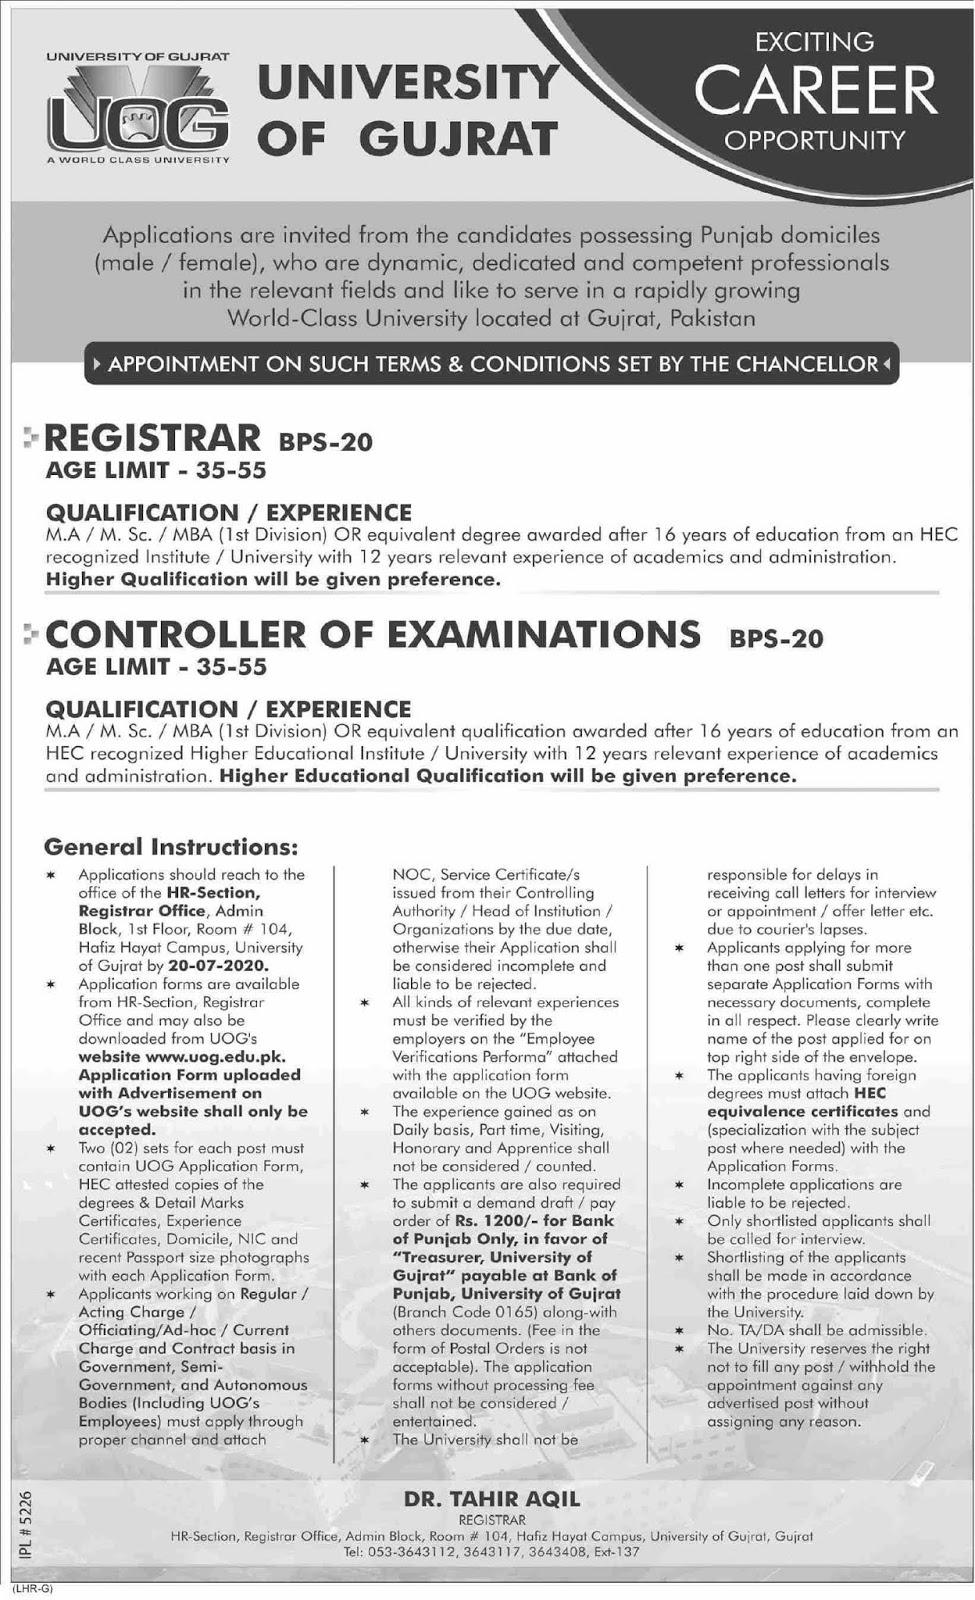 Jobs in University of Gujrat 24 June 2020